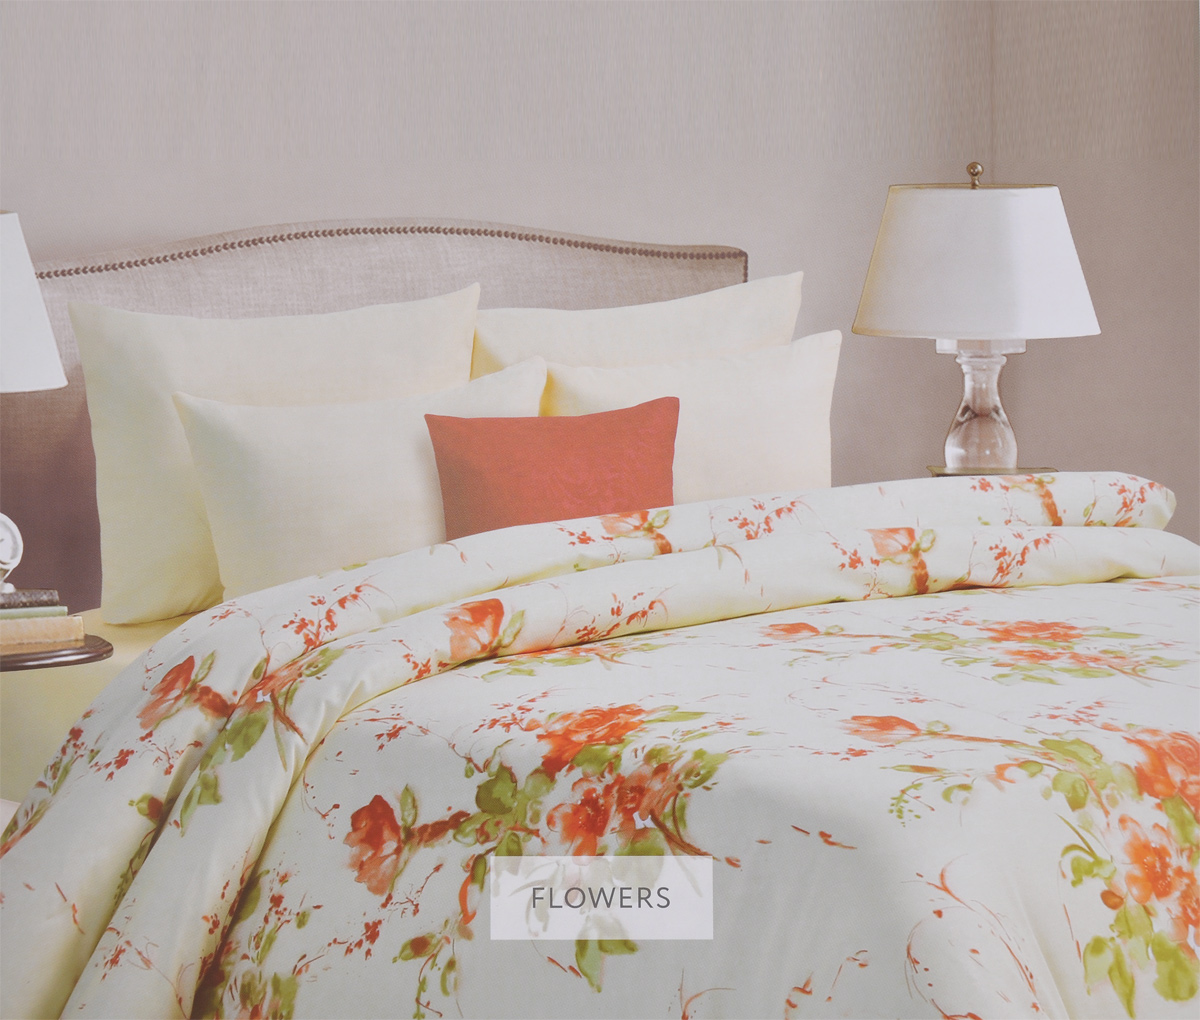 Комплект белья Mona Liza Flowers, 1,5-спальный, наволочки 50х70, цвет: бежевый, светло-зеленый. 561116/6391602Комплект белья Mona Liza Flowers, выполненный из батиста (100% хлопок), состоит из пододеяльника, простыни и двух наволочек. Изделия оформлены красивым цветочным рисунком. Батист - тонкая, легкая, полупрозрачная натуральная ткань полотняного переплетения. Батист, несомненно, является одной из самых аристократичных и совершенных тканей. Он отличается нежностью, трепетной утонченностью и изысканностью. Ткань с незначительной сминаемостью, хорошо сохраняющая цвет при стирке, легкая, с прекрасными гигиеническими показателями. В комплект входит: Пододеяльник - 1 шт. Размер: 145 см х 210 см. Простыня - 1 шт. Размер: 150 см х 215 см. Наволочка - 2 шт. Размер: 50 см х 70 см. Рекомендации по уходу: - Ручная и машинная стирка 40°С, - Гладить при температуре не более 150°С, - Не использовать хлорсодержащие средства, - Щадящая сушка, - Не подвергать химчистке.